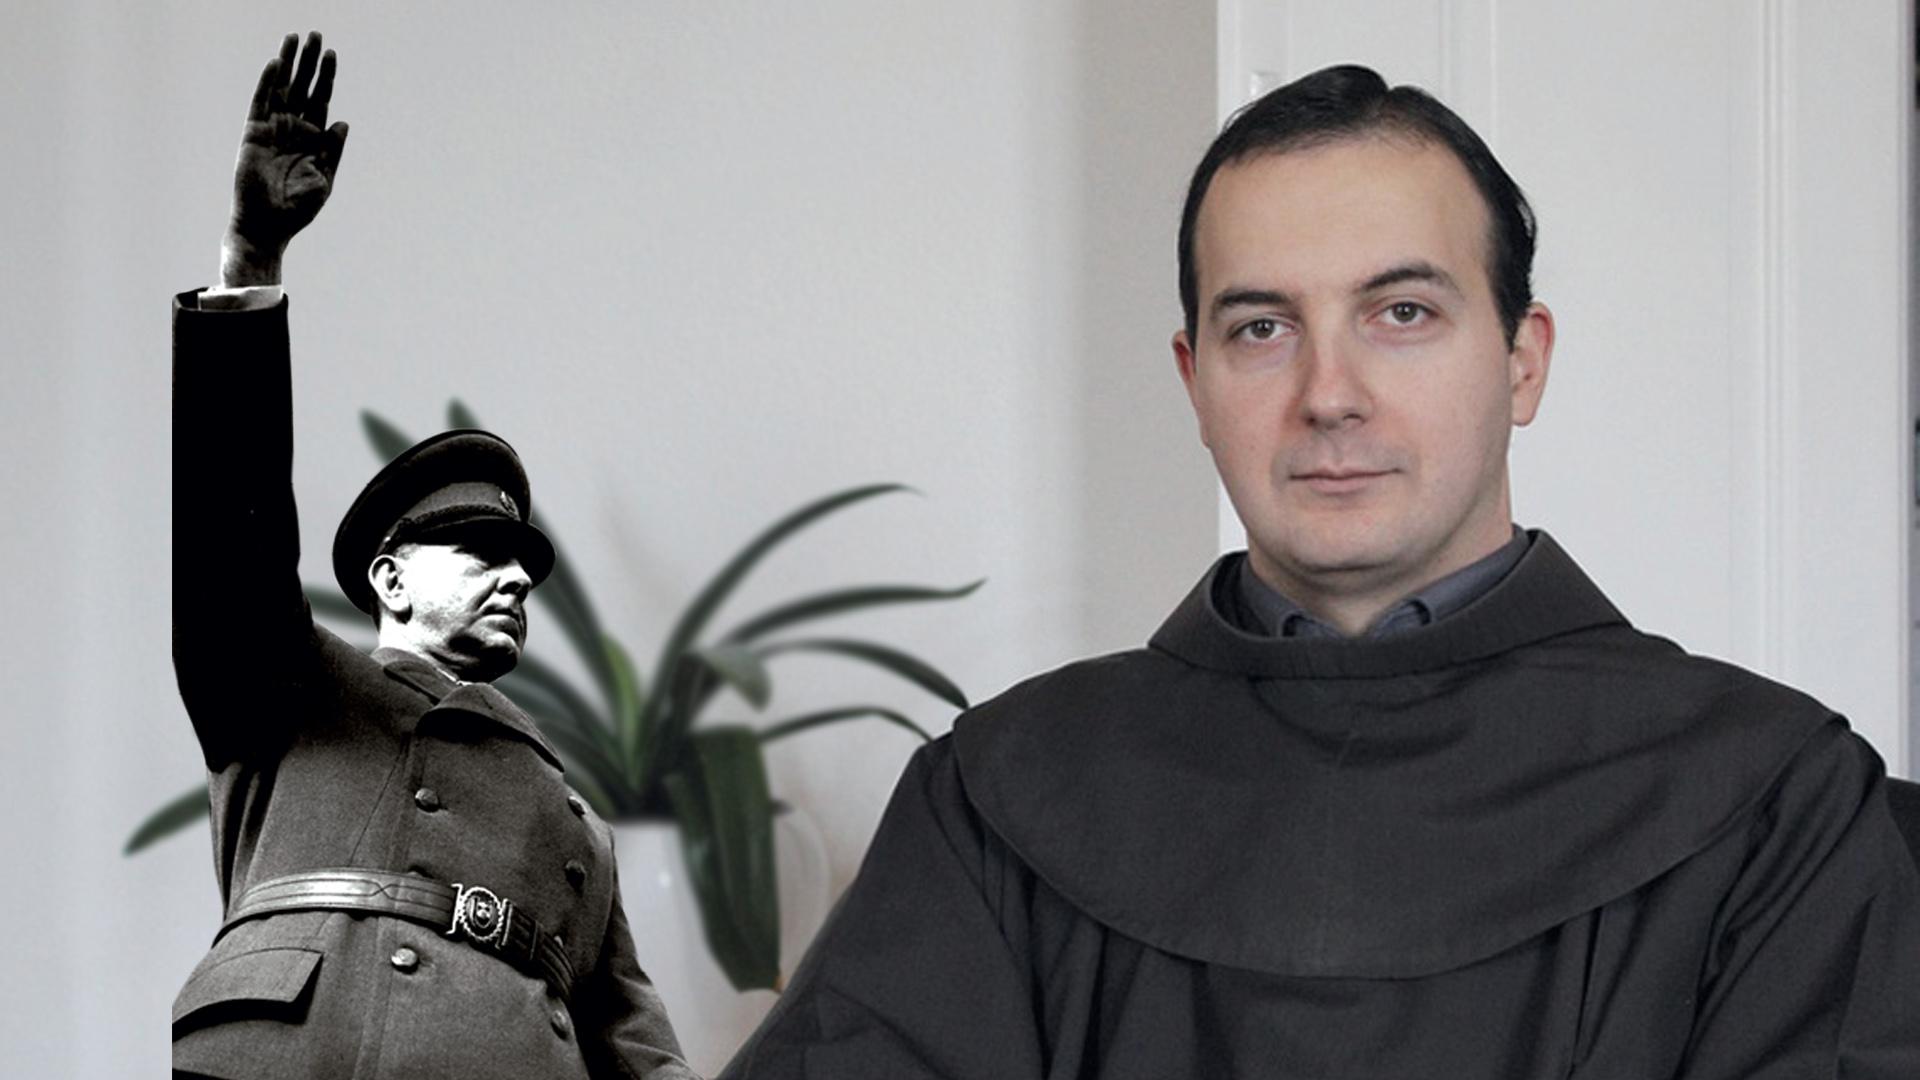 'Pavelića nije zanimala filozofija, nego samo osobna i apsolutna vlast'